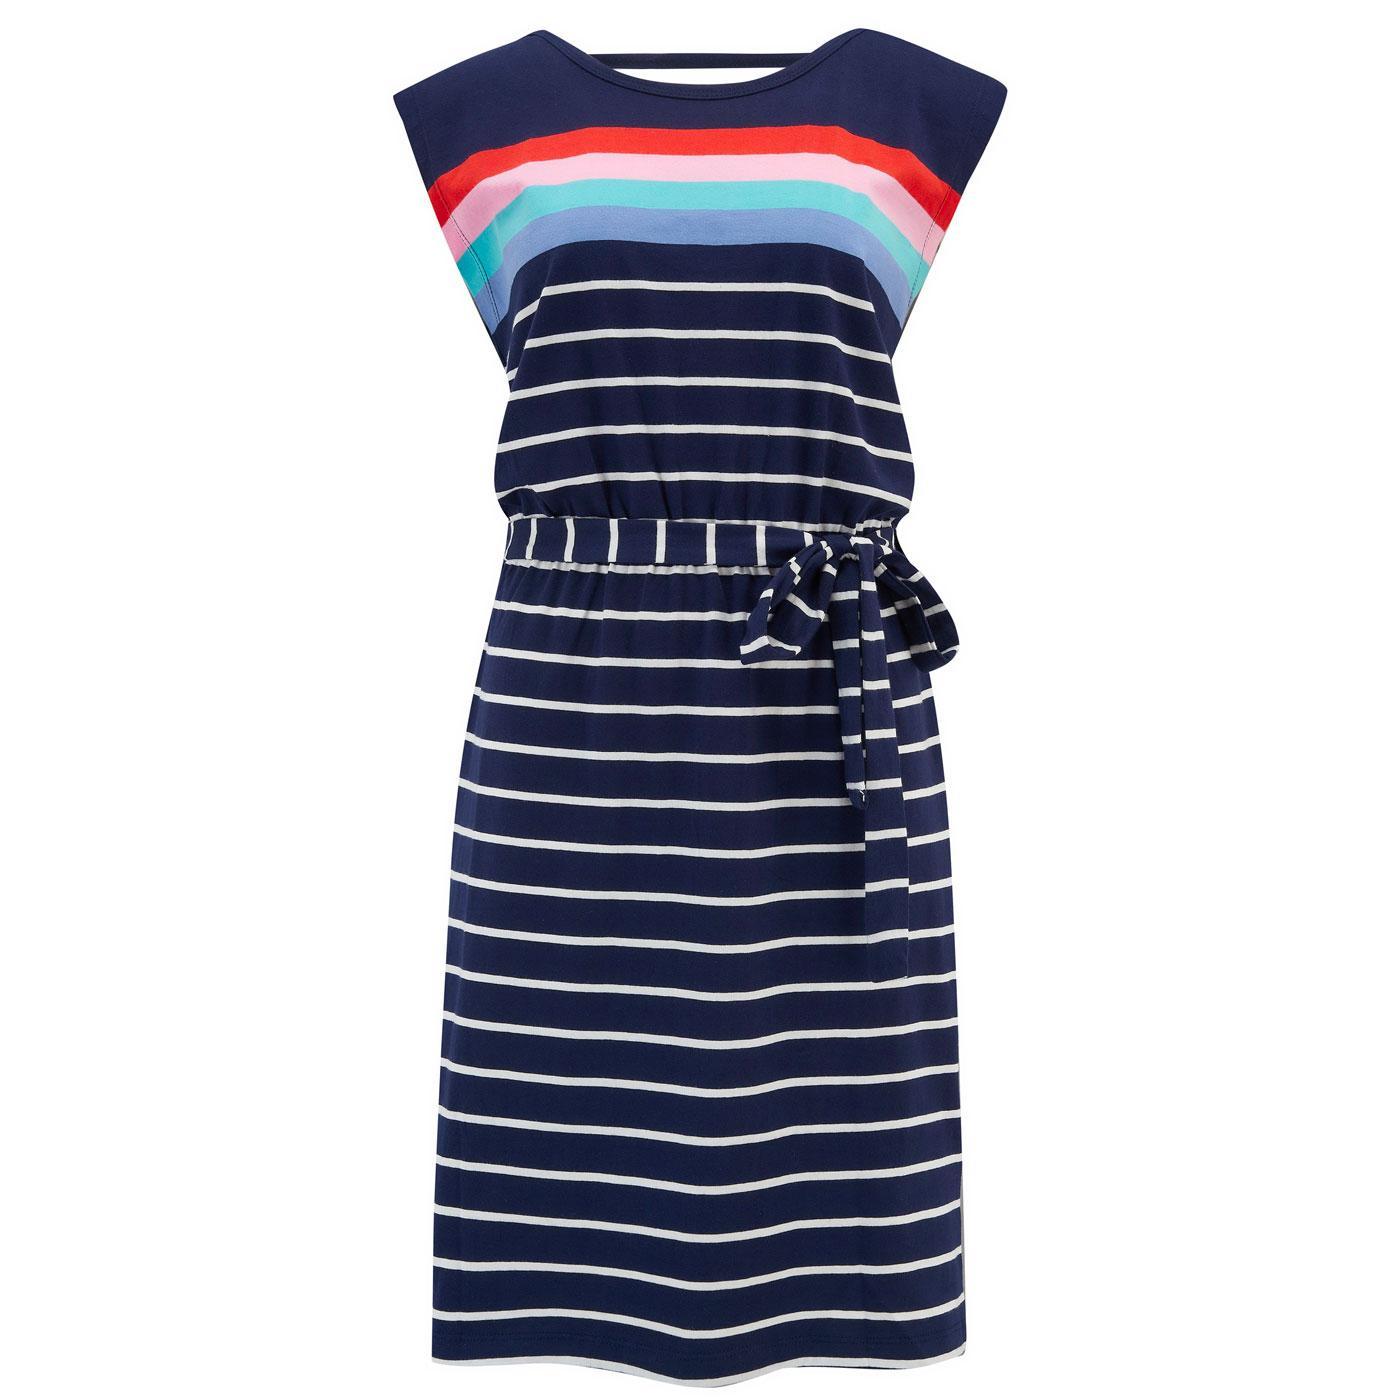 Hetty SUGARHILL Retro 70s Coastal Stripe Dress